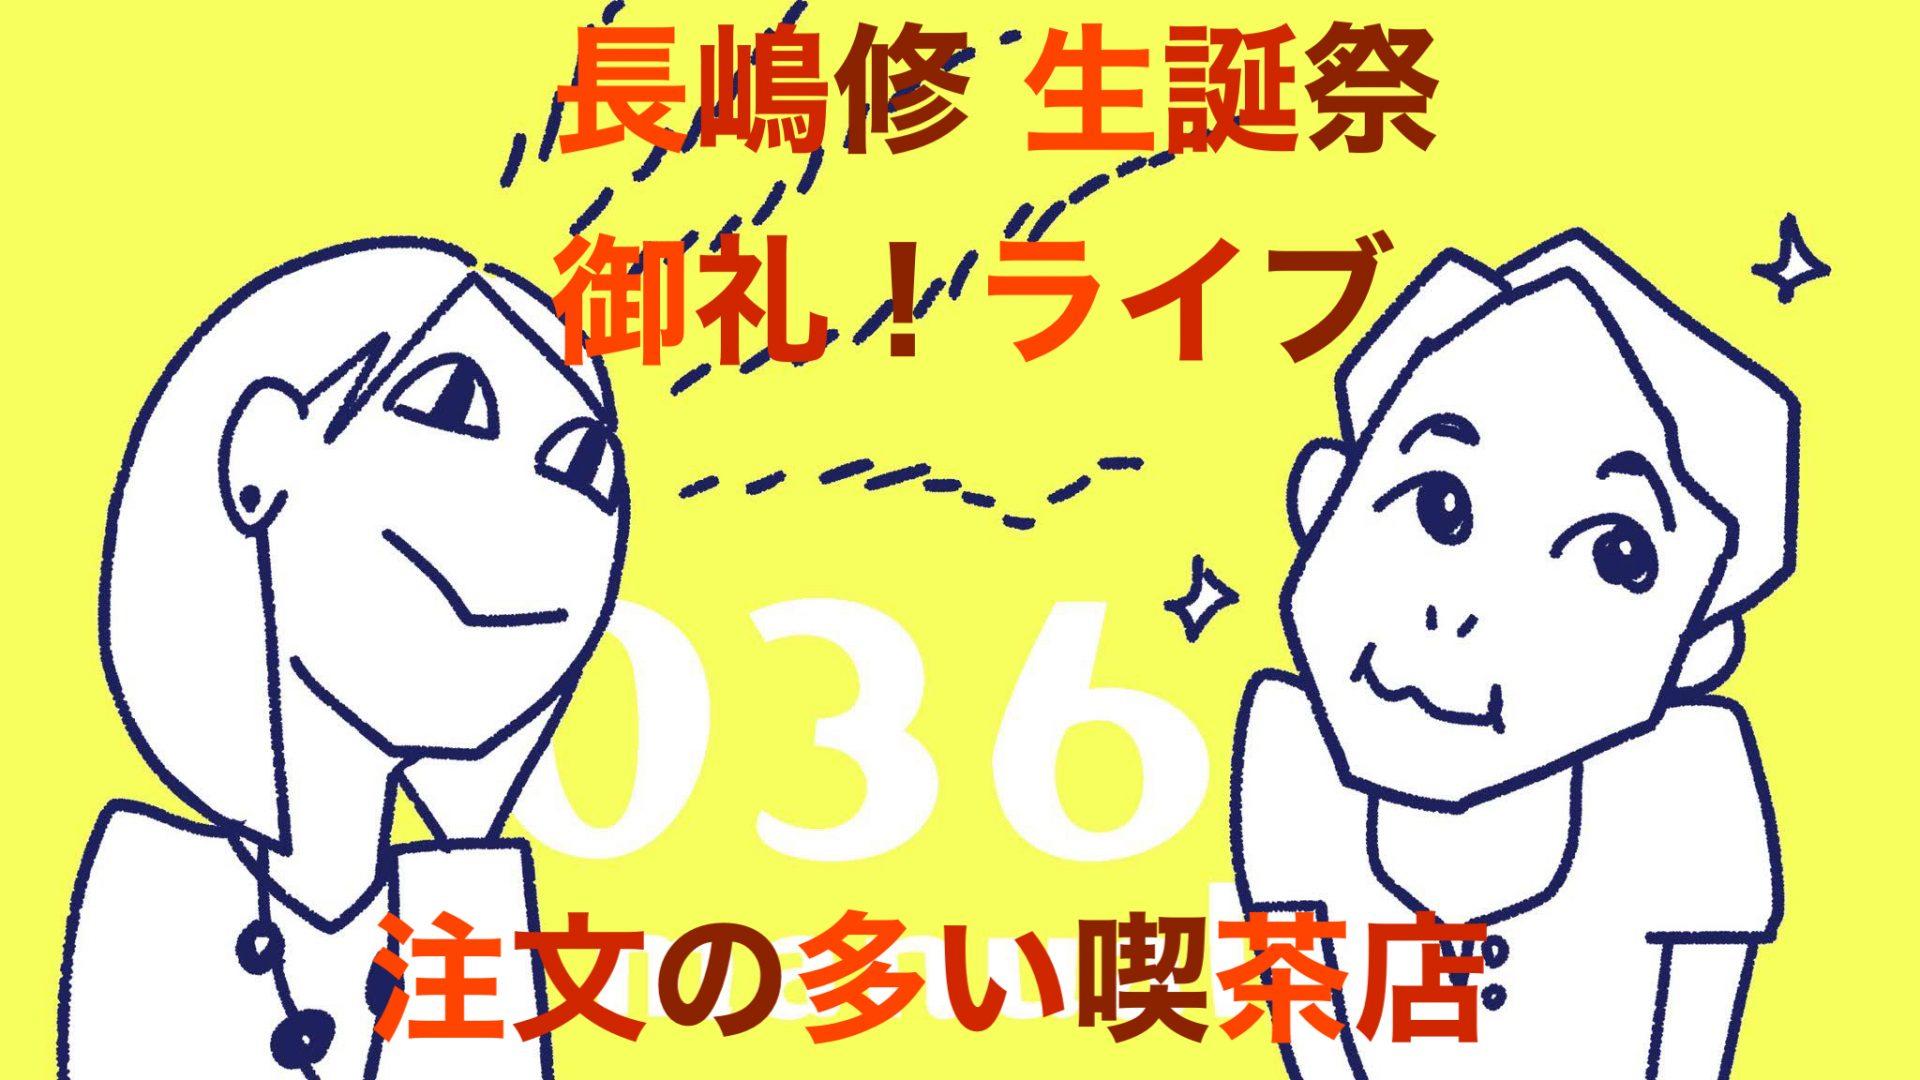 10/10(土)長嶋修&大西倫加オンラインライブ「注文の多い喫茶店」